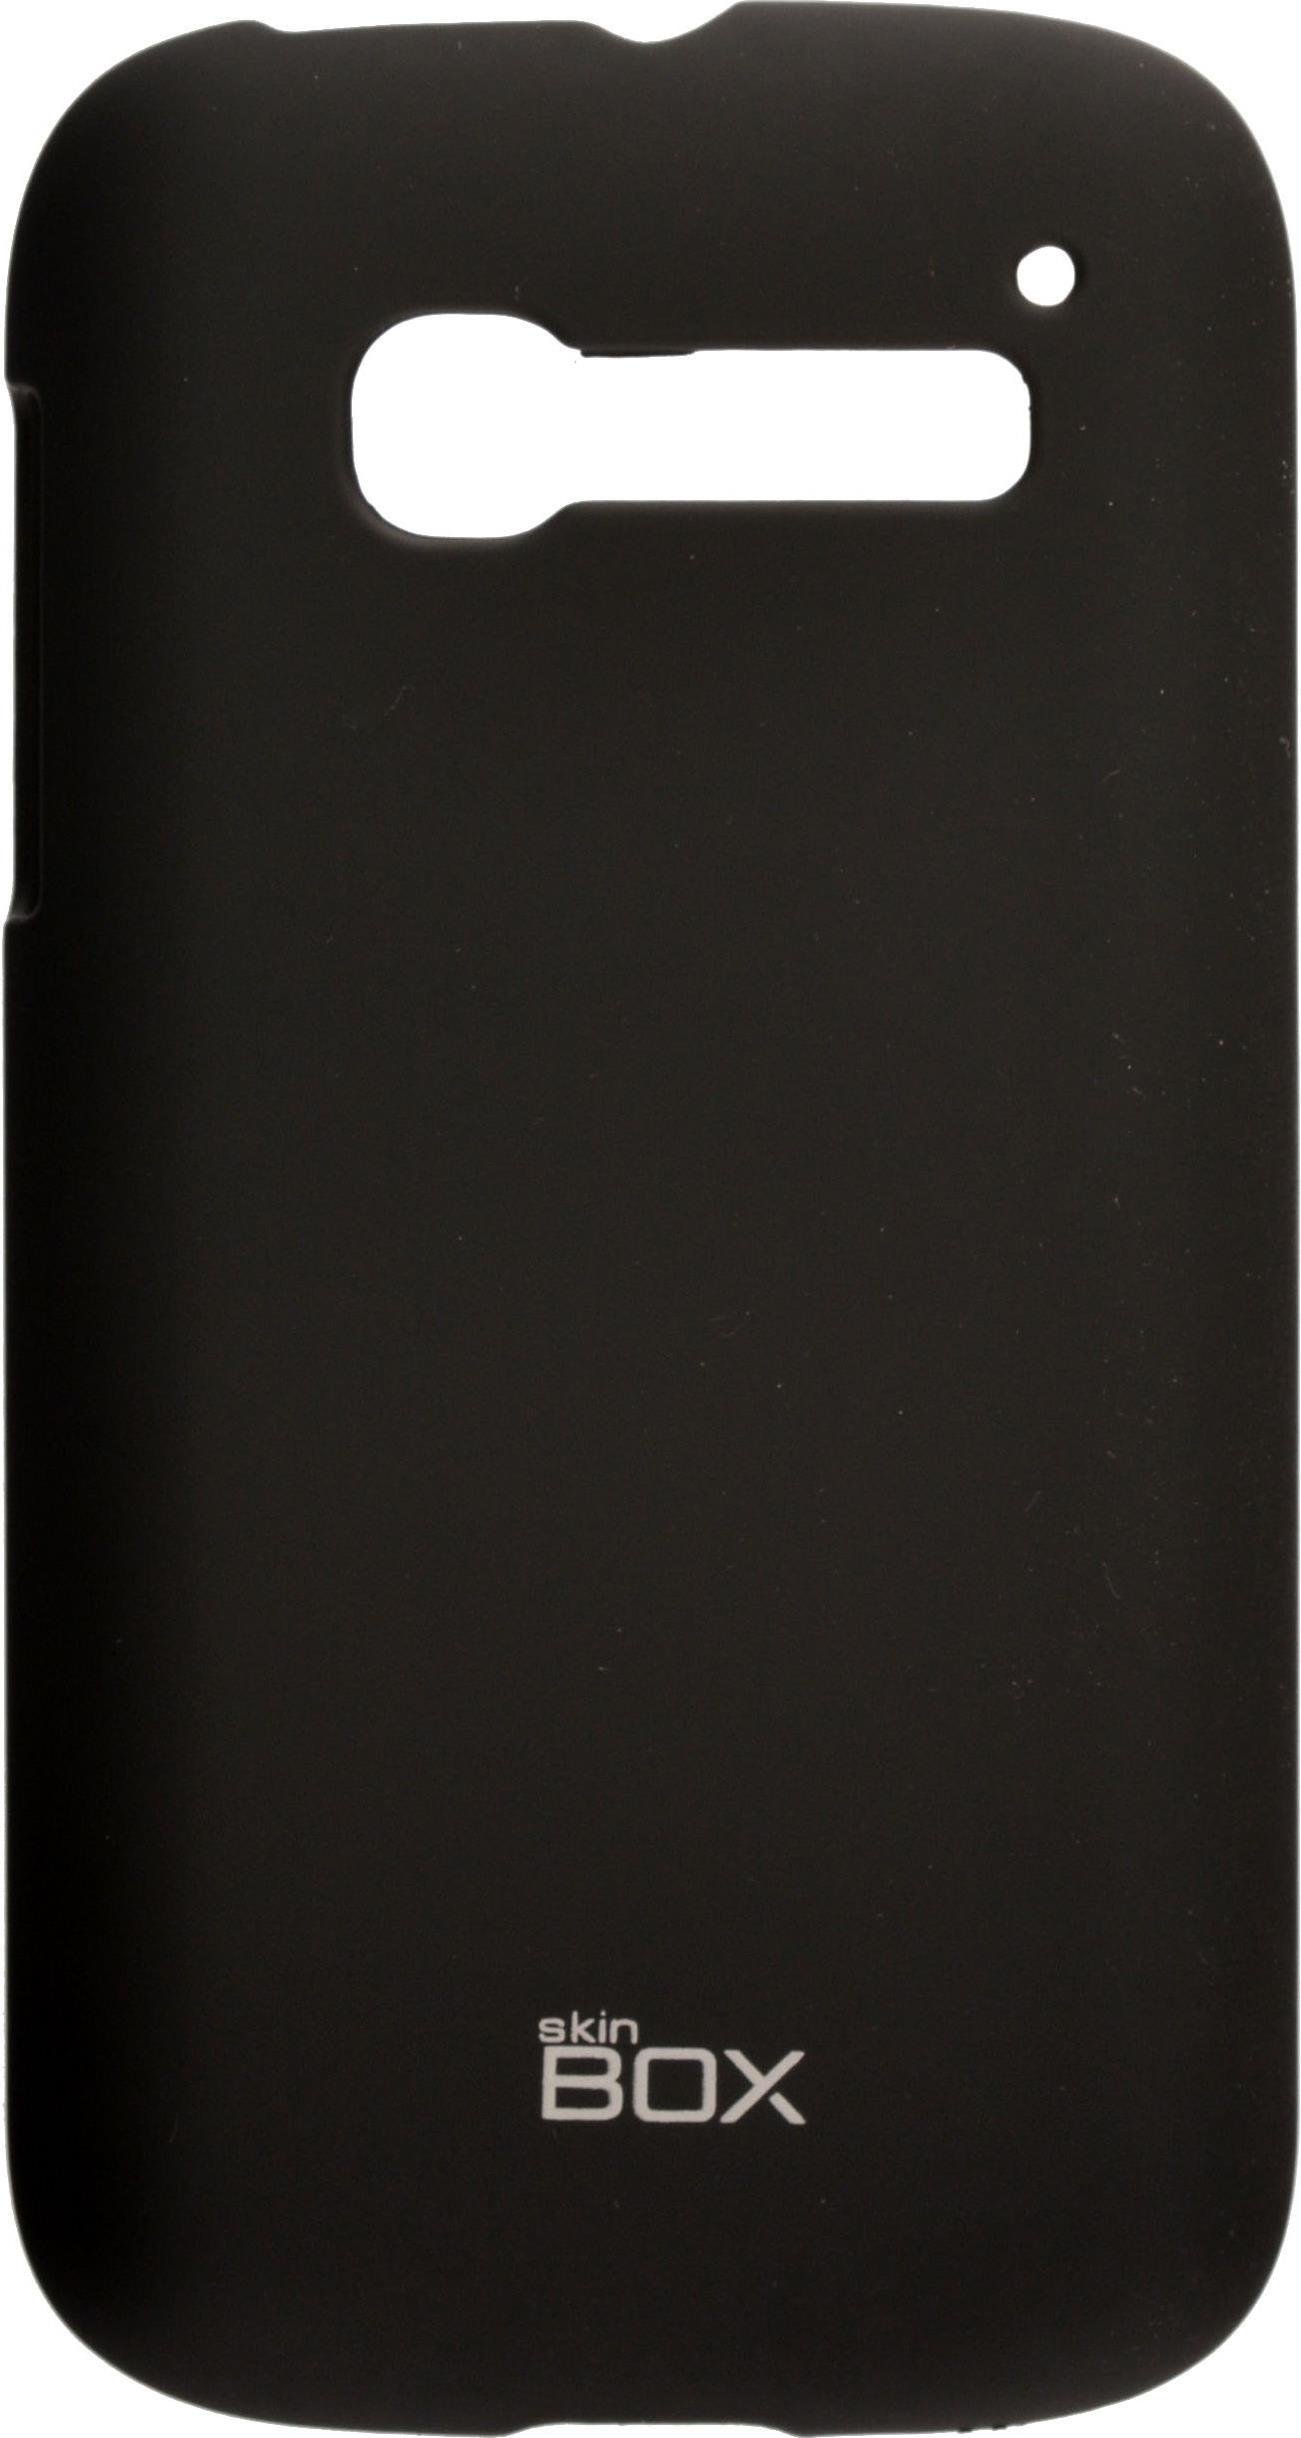 цена на Чехол для сотового телефона skinBOX 4People, 4630042526341, черный